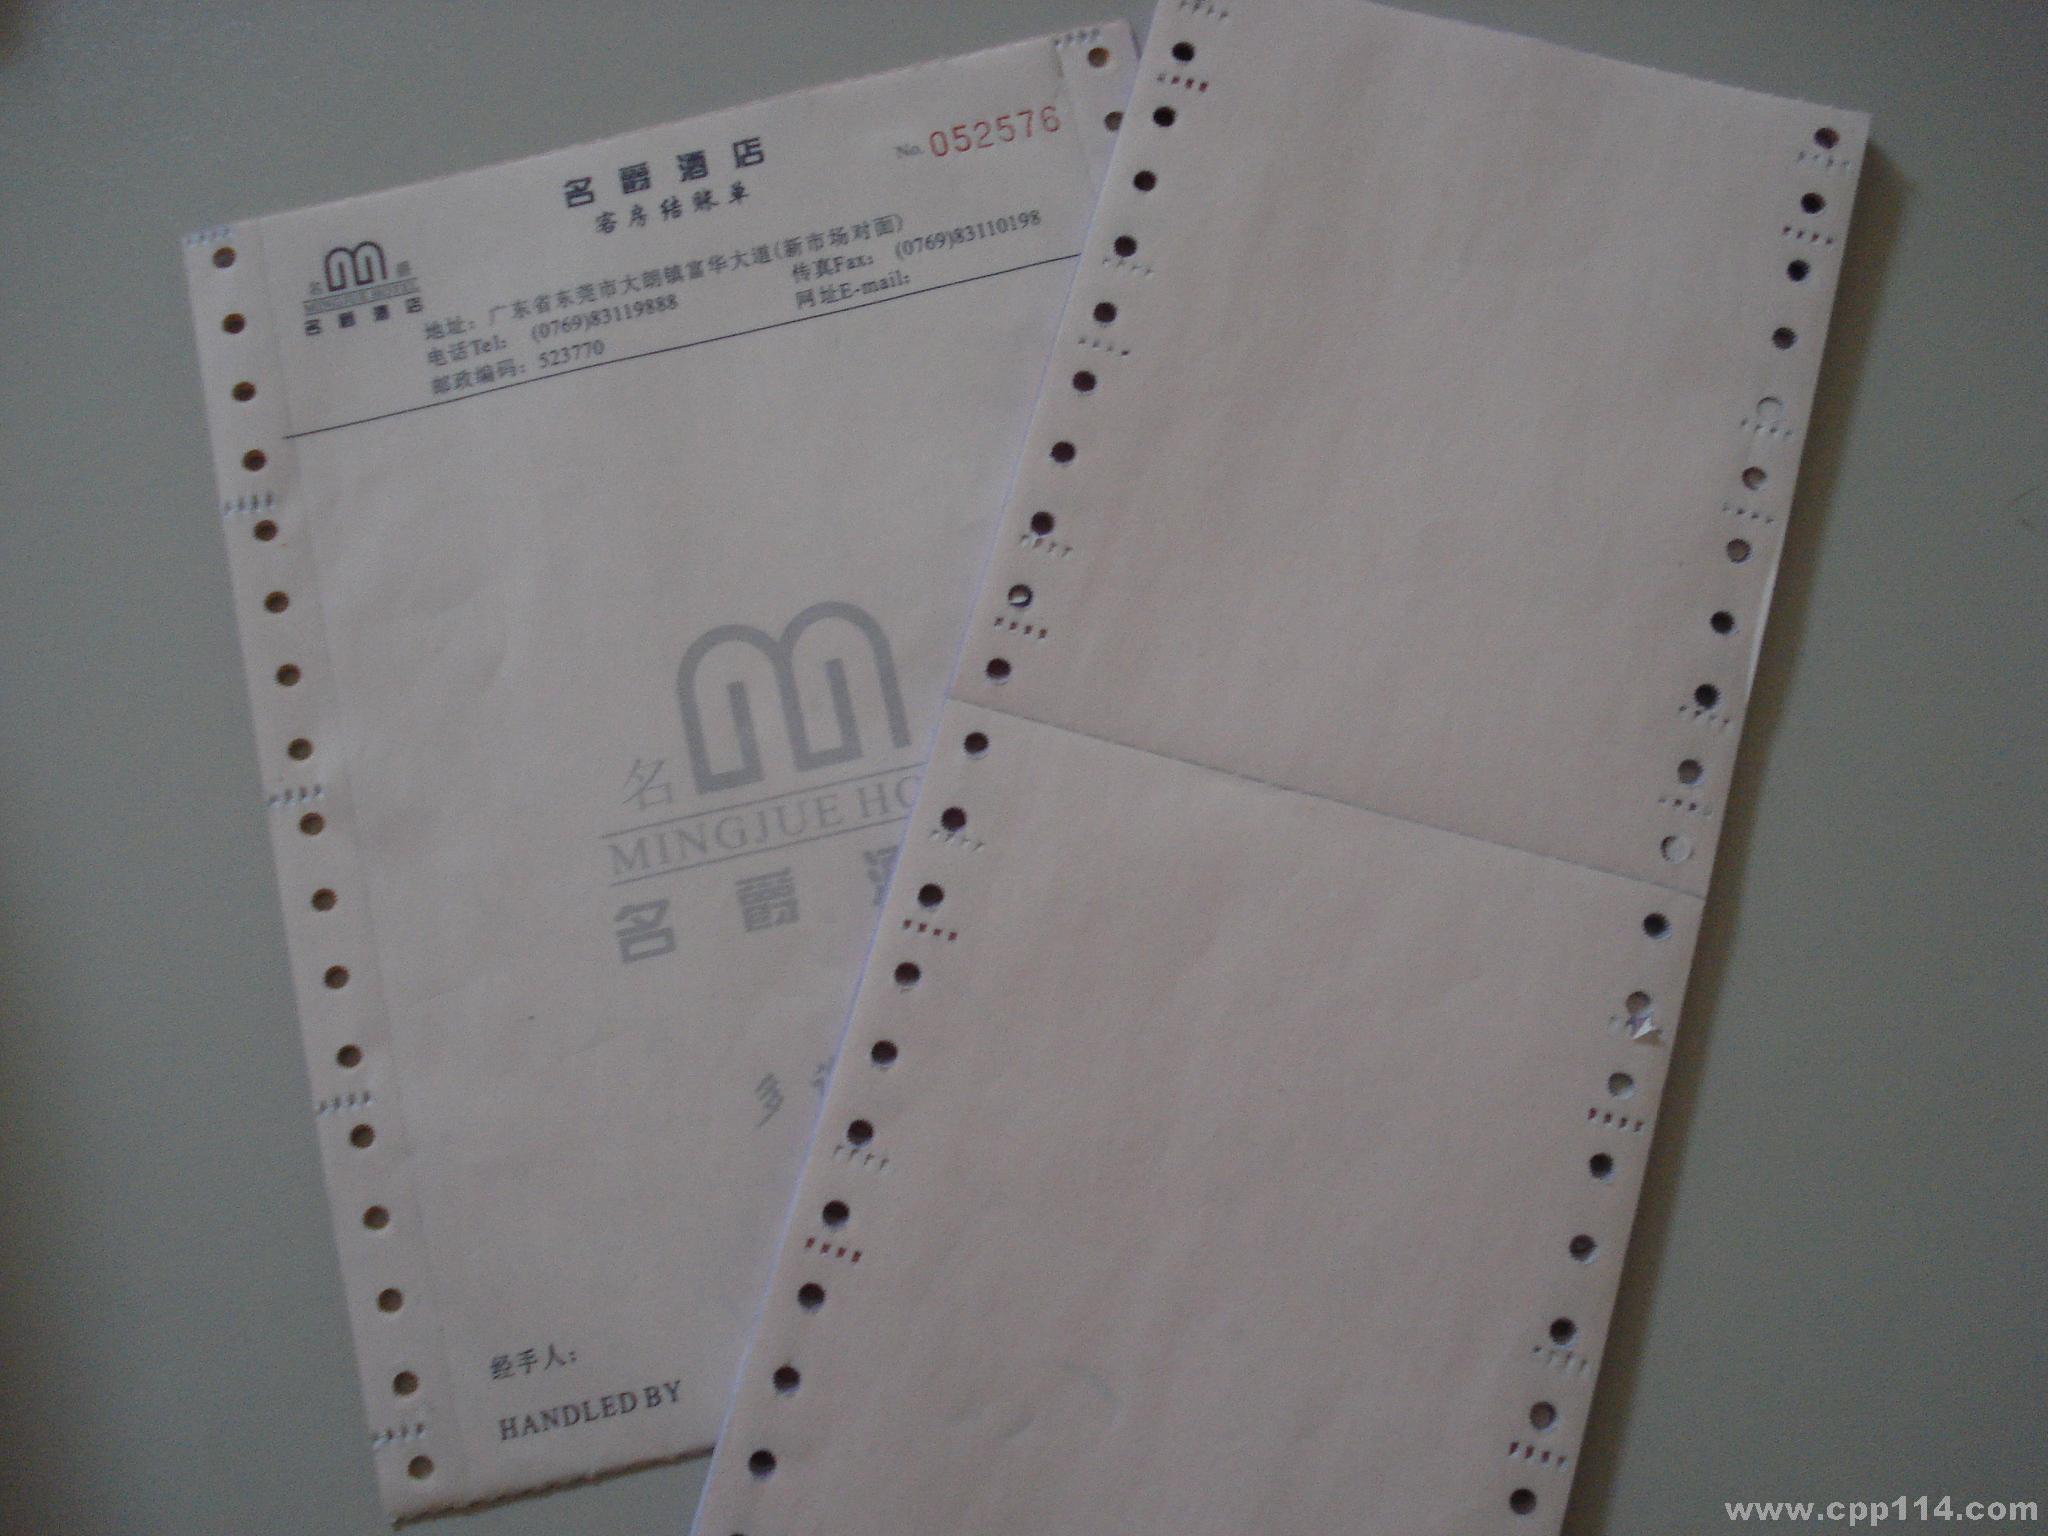 【供应】印刷酒店结账单